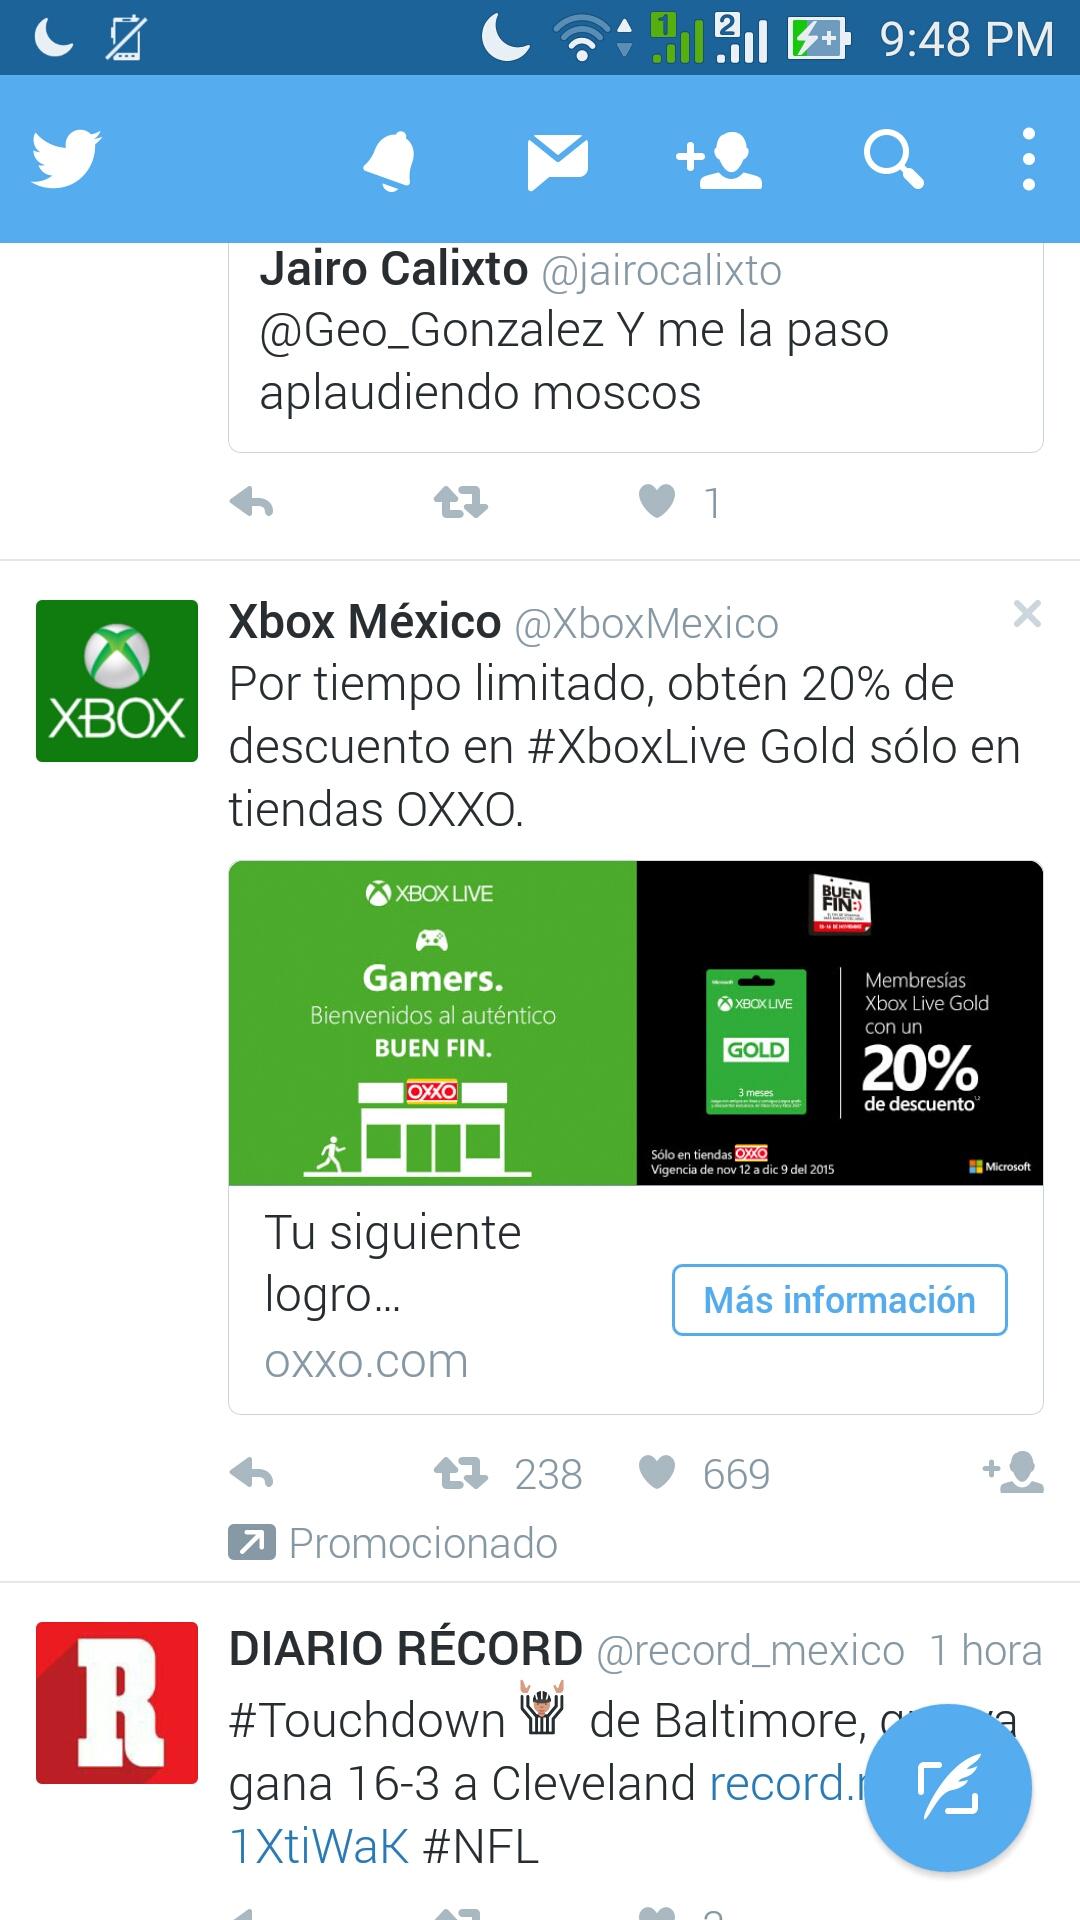 Oxxo: 20% de descuento en tarjetas Xbox Live